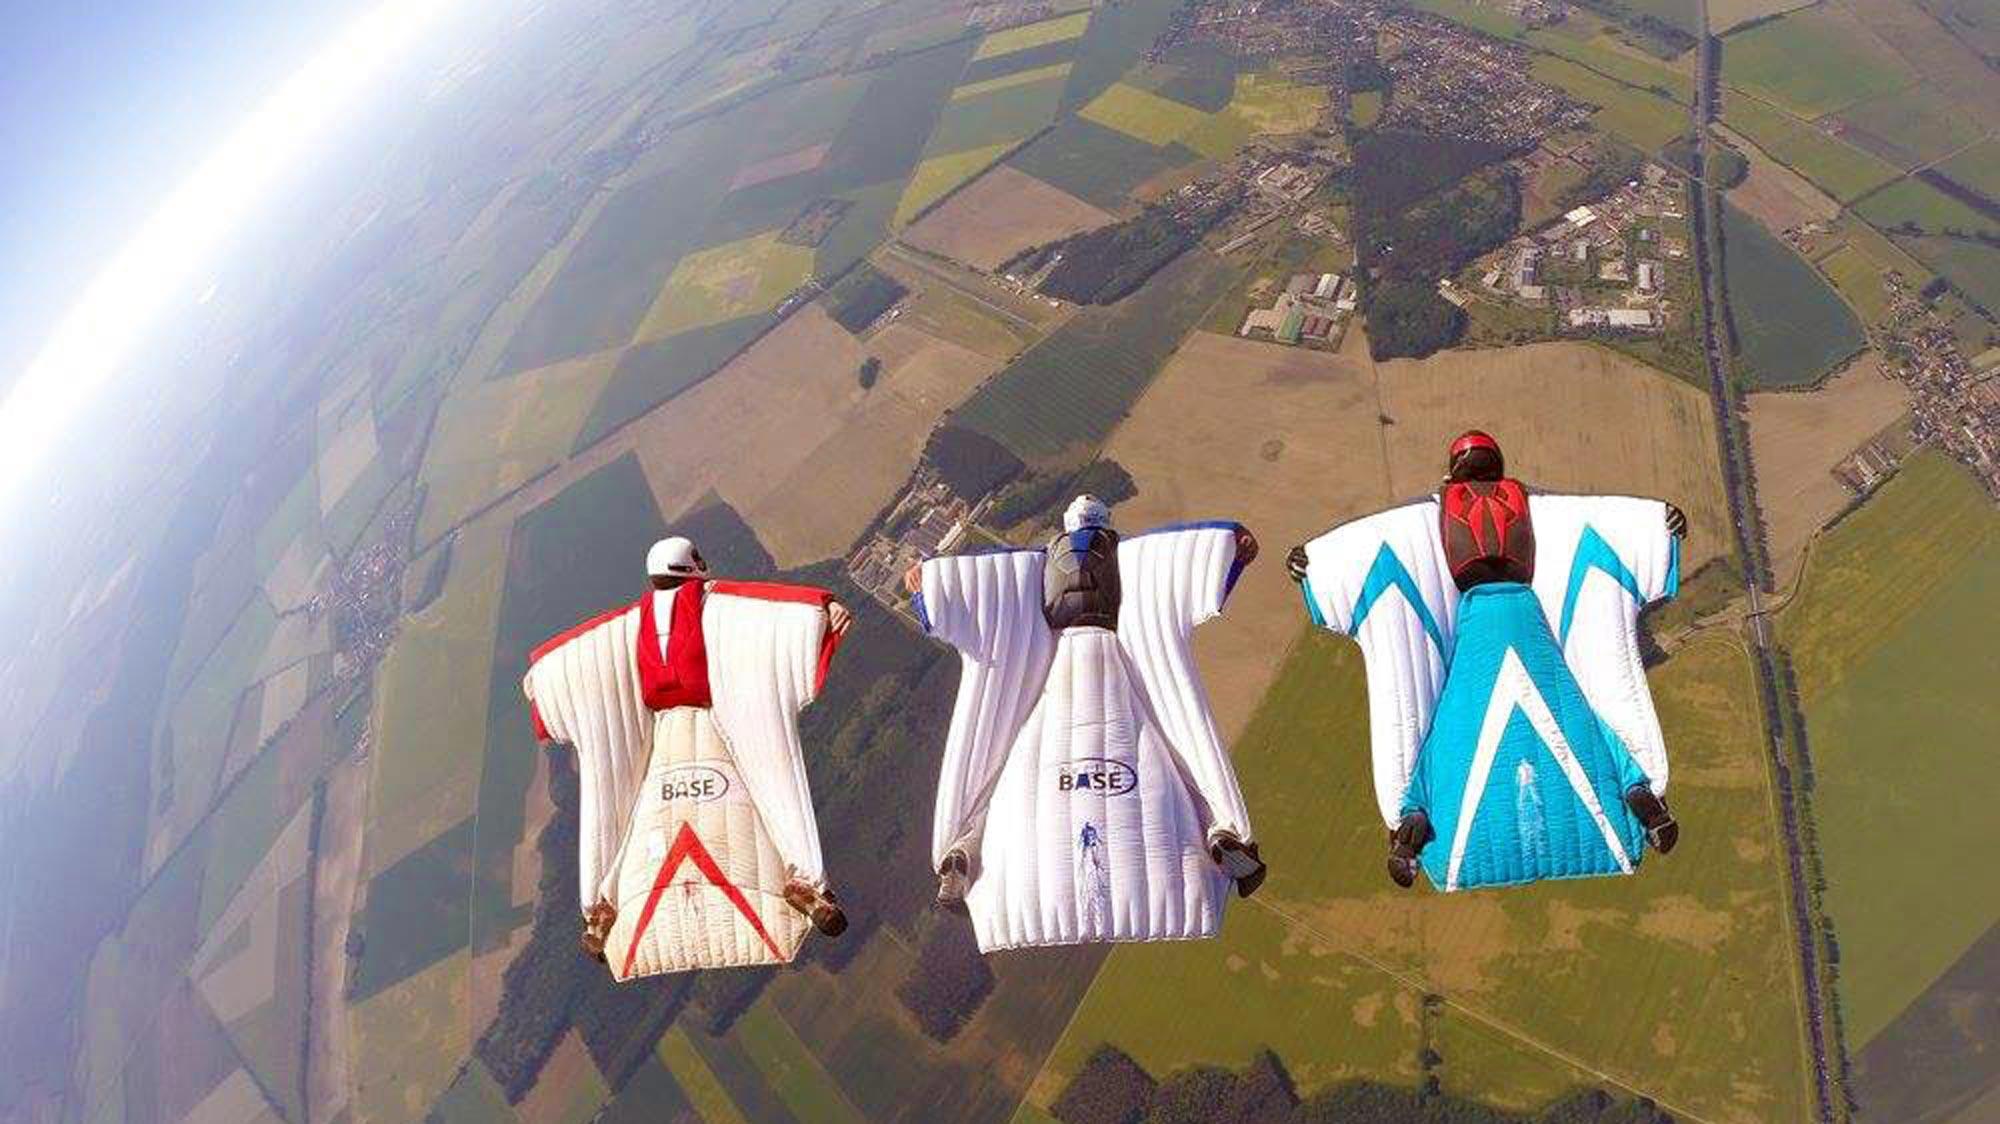 TAKE OFF Fallschirmsport - 3 Wingsuit Flyer in nebeneinander über dem Flugplatz Fehrbellin